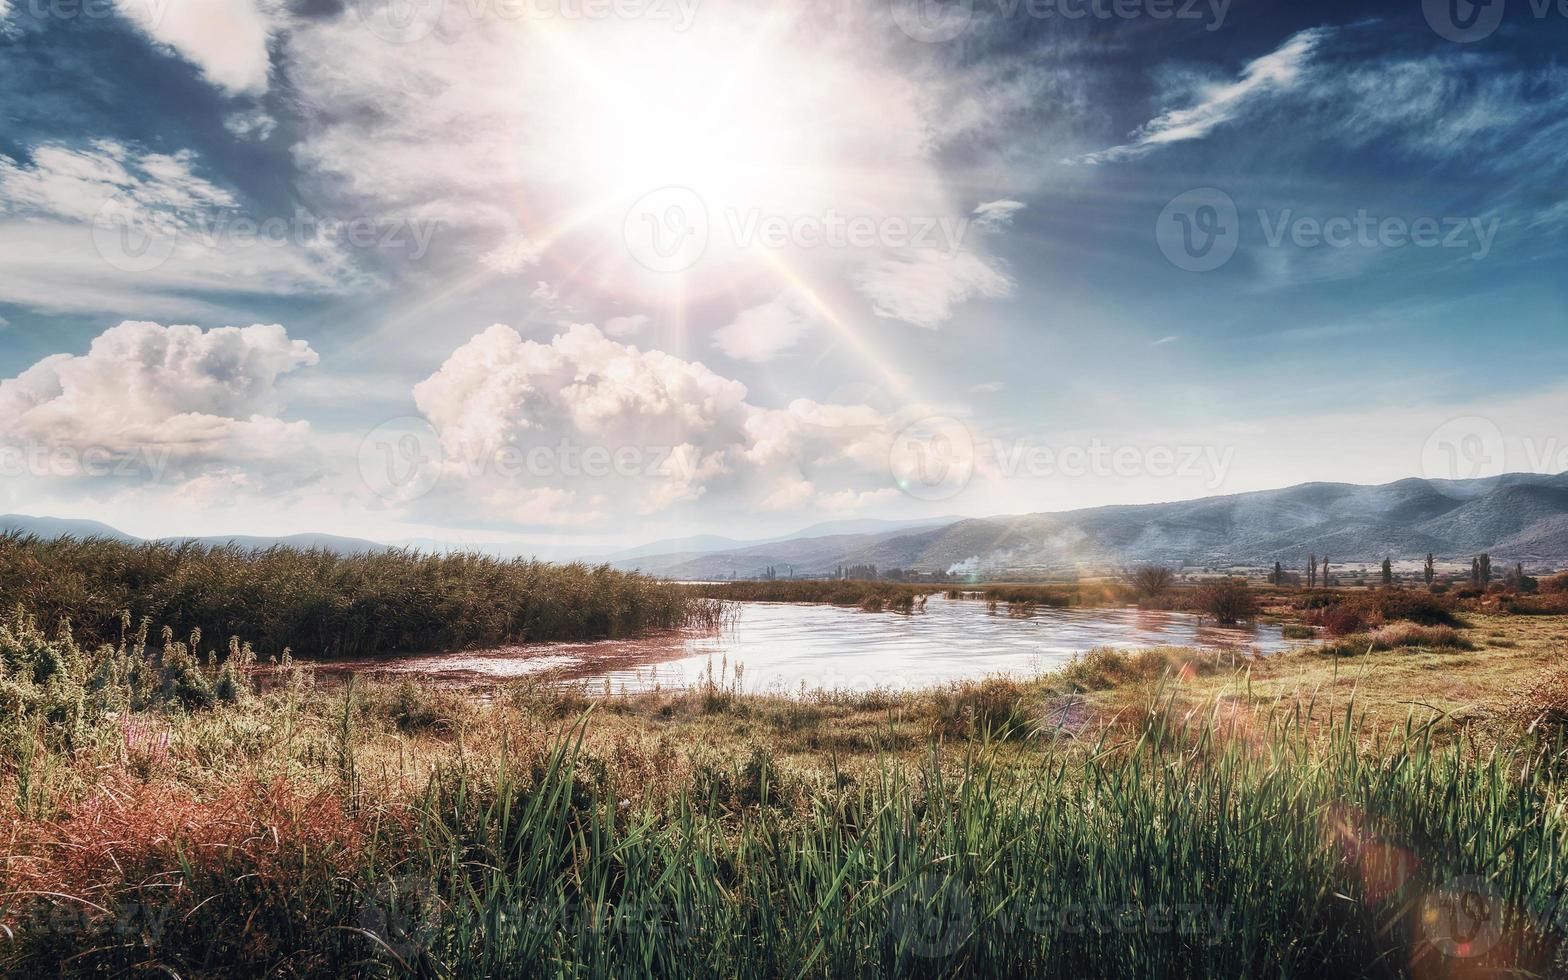 soirée tranquille au lac. coucher de soleil au lac dojran, fyr macédoine. Macédoine du Sud. photo